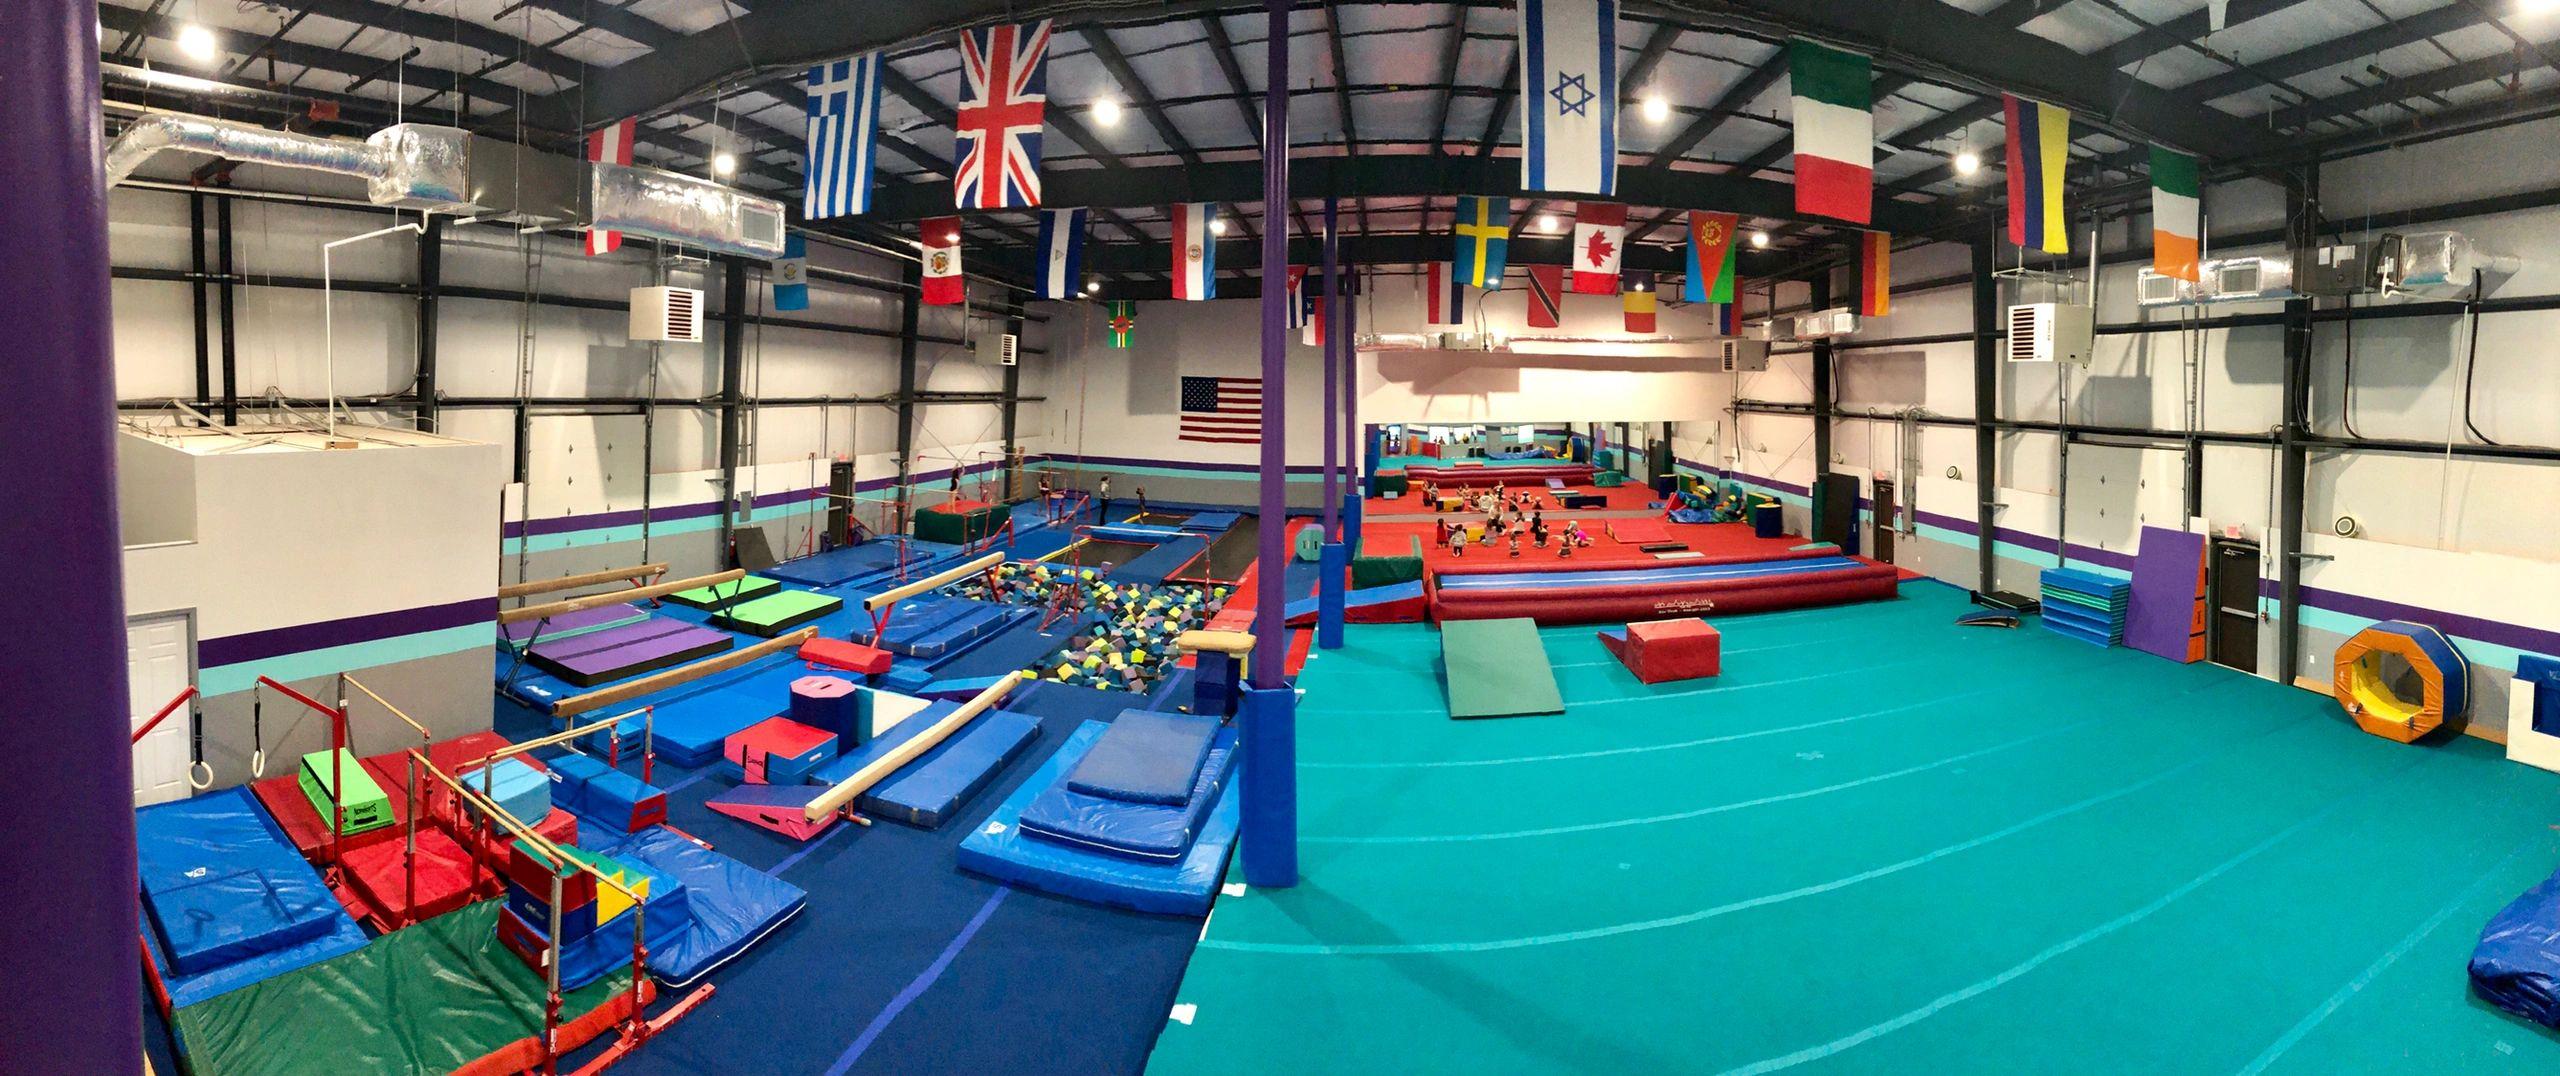 Open Gym Legacy Gymnastics